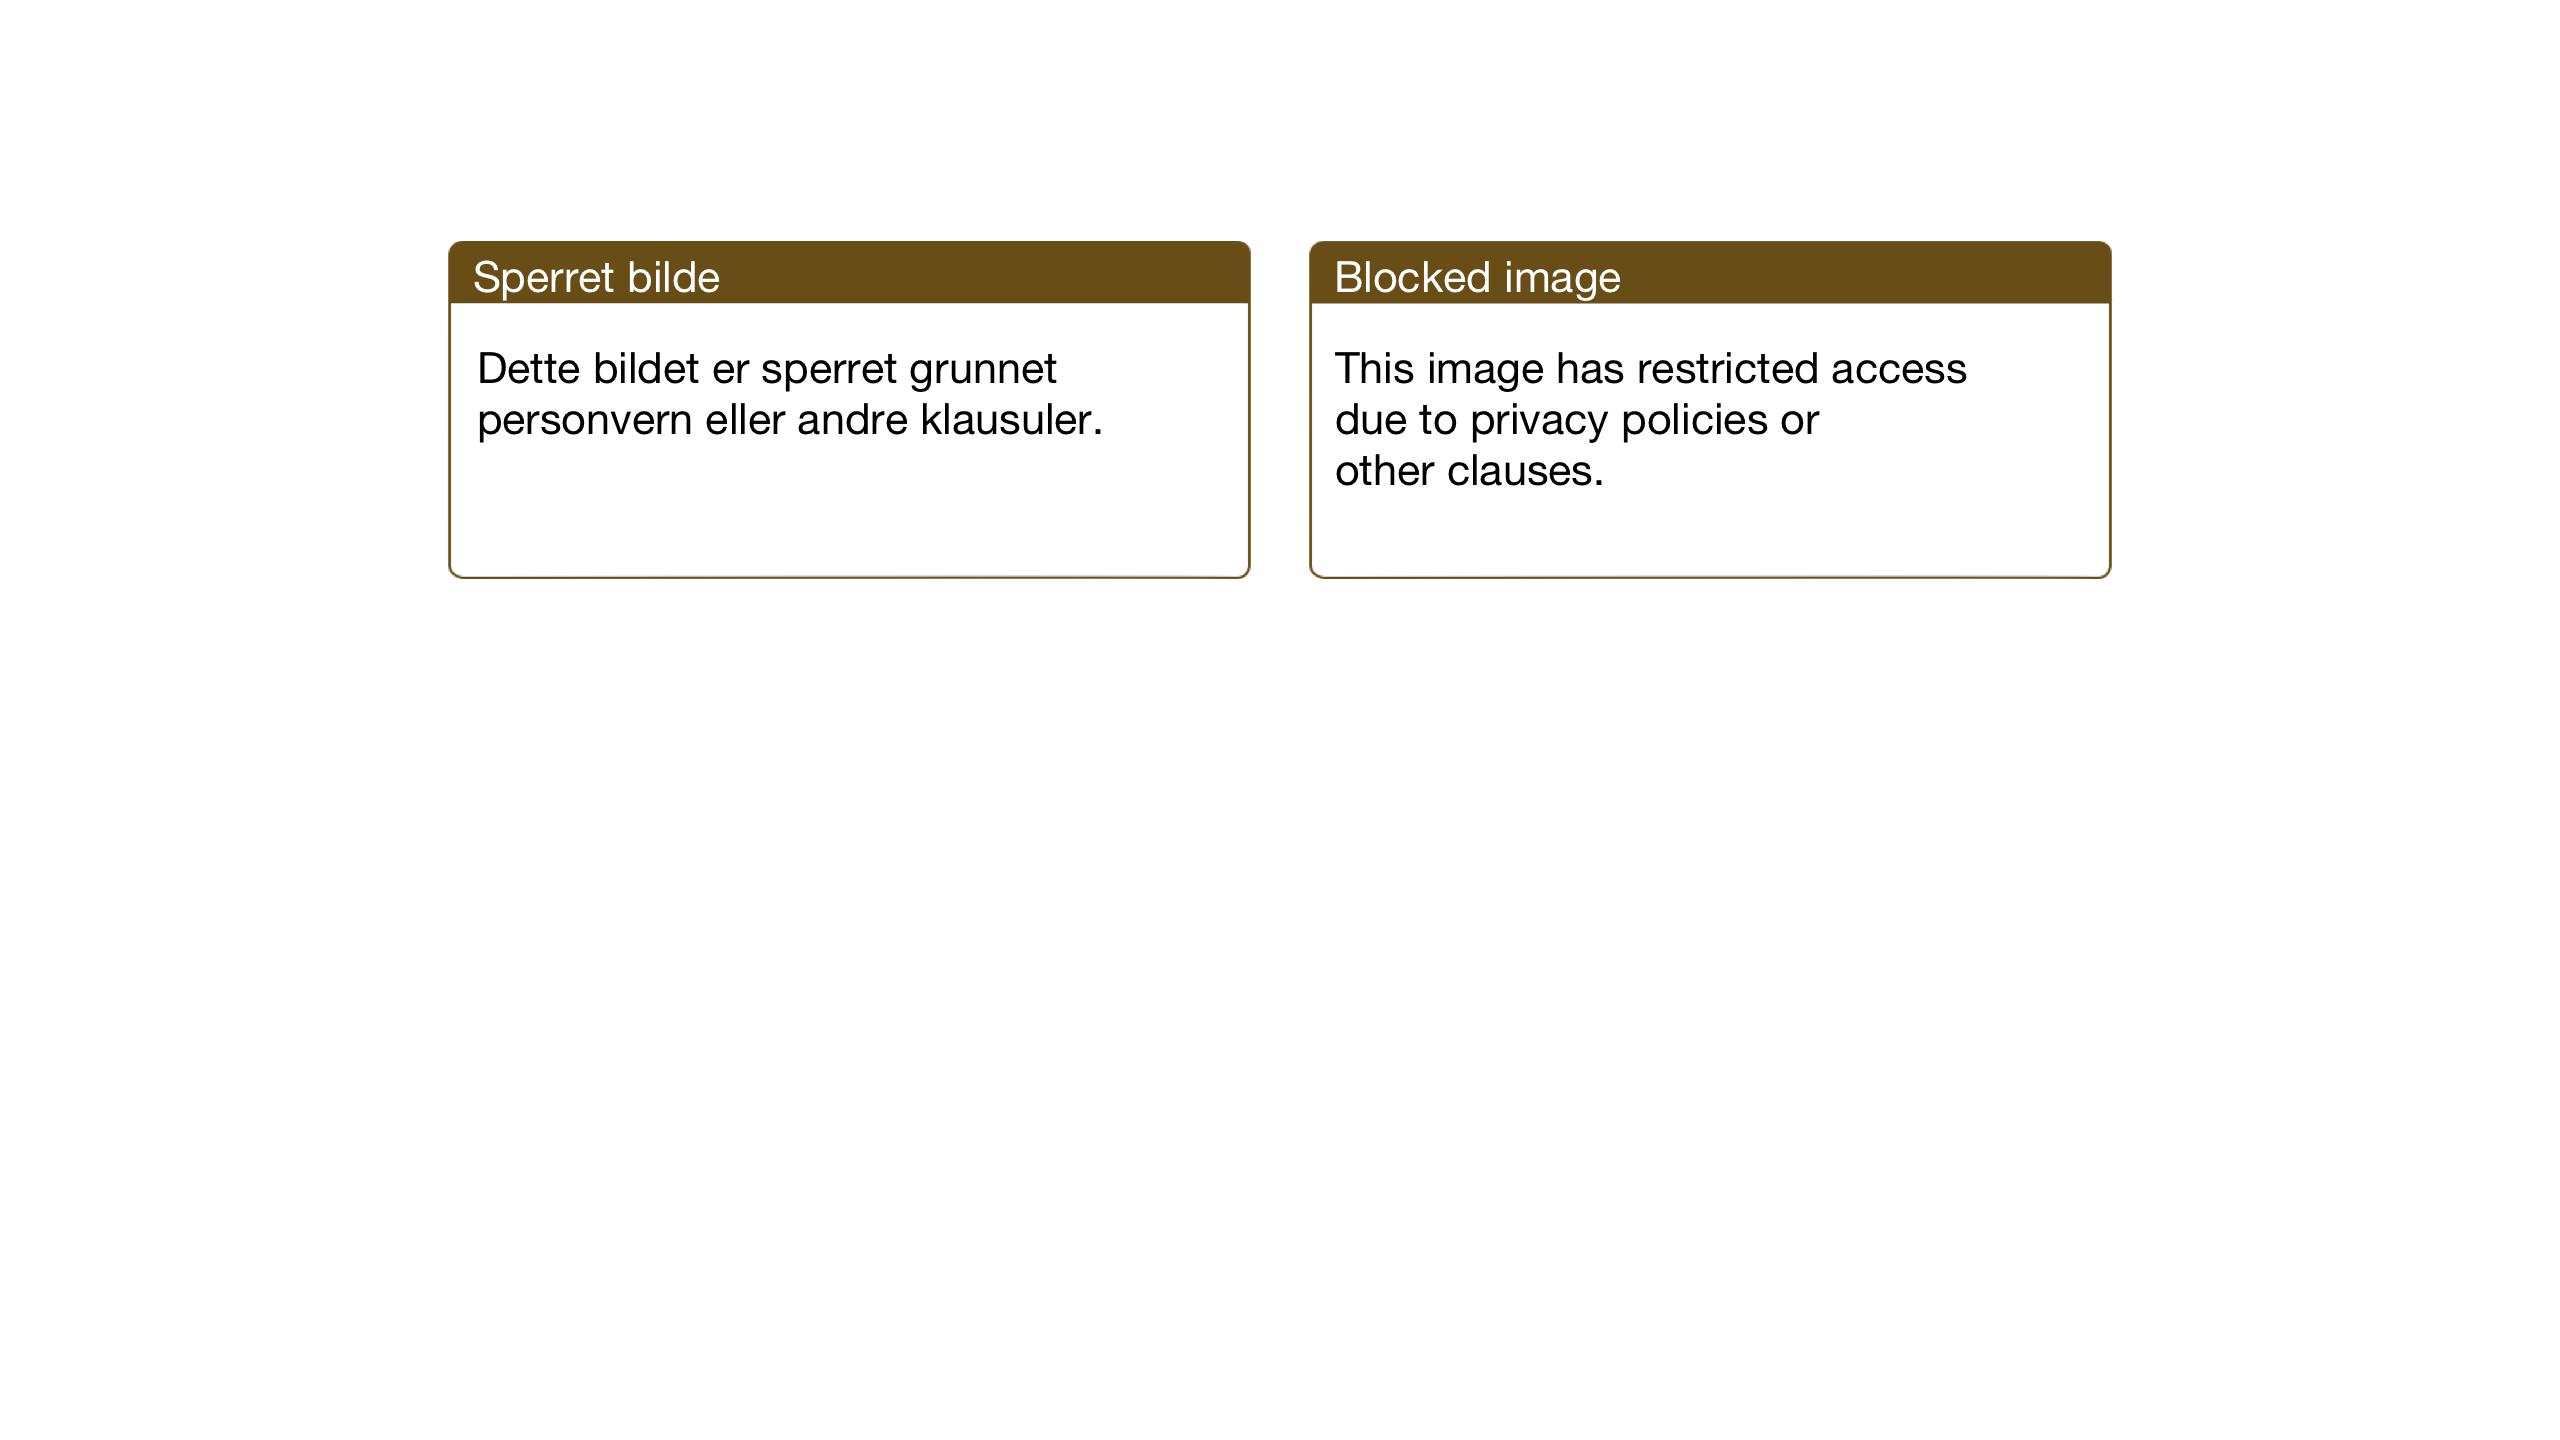 SAT, Ministerialprotokoller, klokkerbøker og fødselsregistre - Sør-Trøndelag, 630/L0508: Klokkerbok nr. 630C06, 1933-1950, s. 4